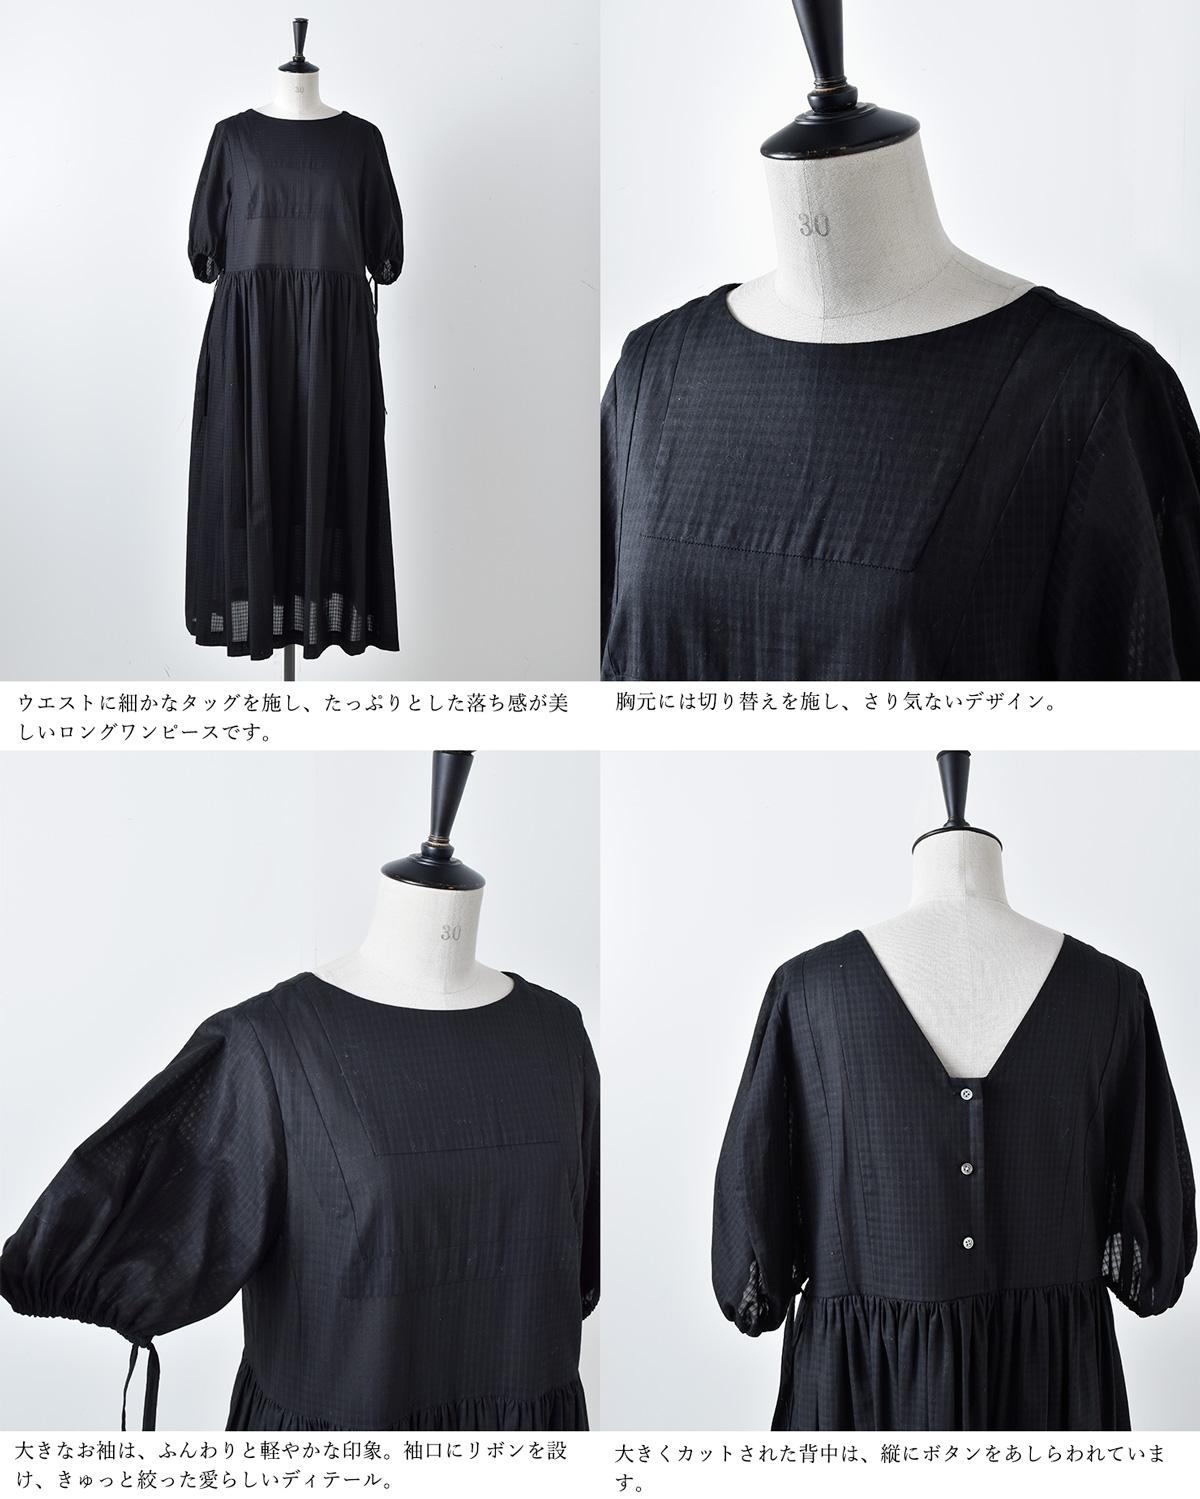 susuri(ススリ)コットンミュウドレス 20-216